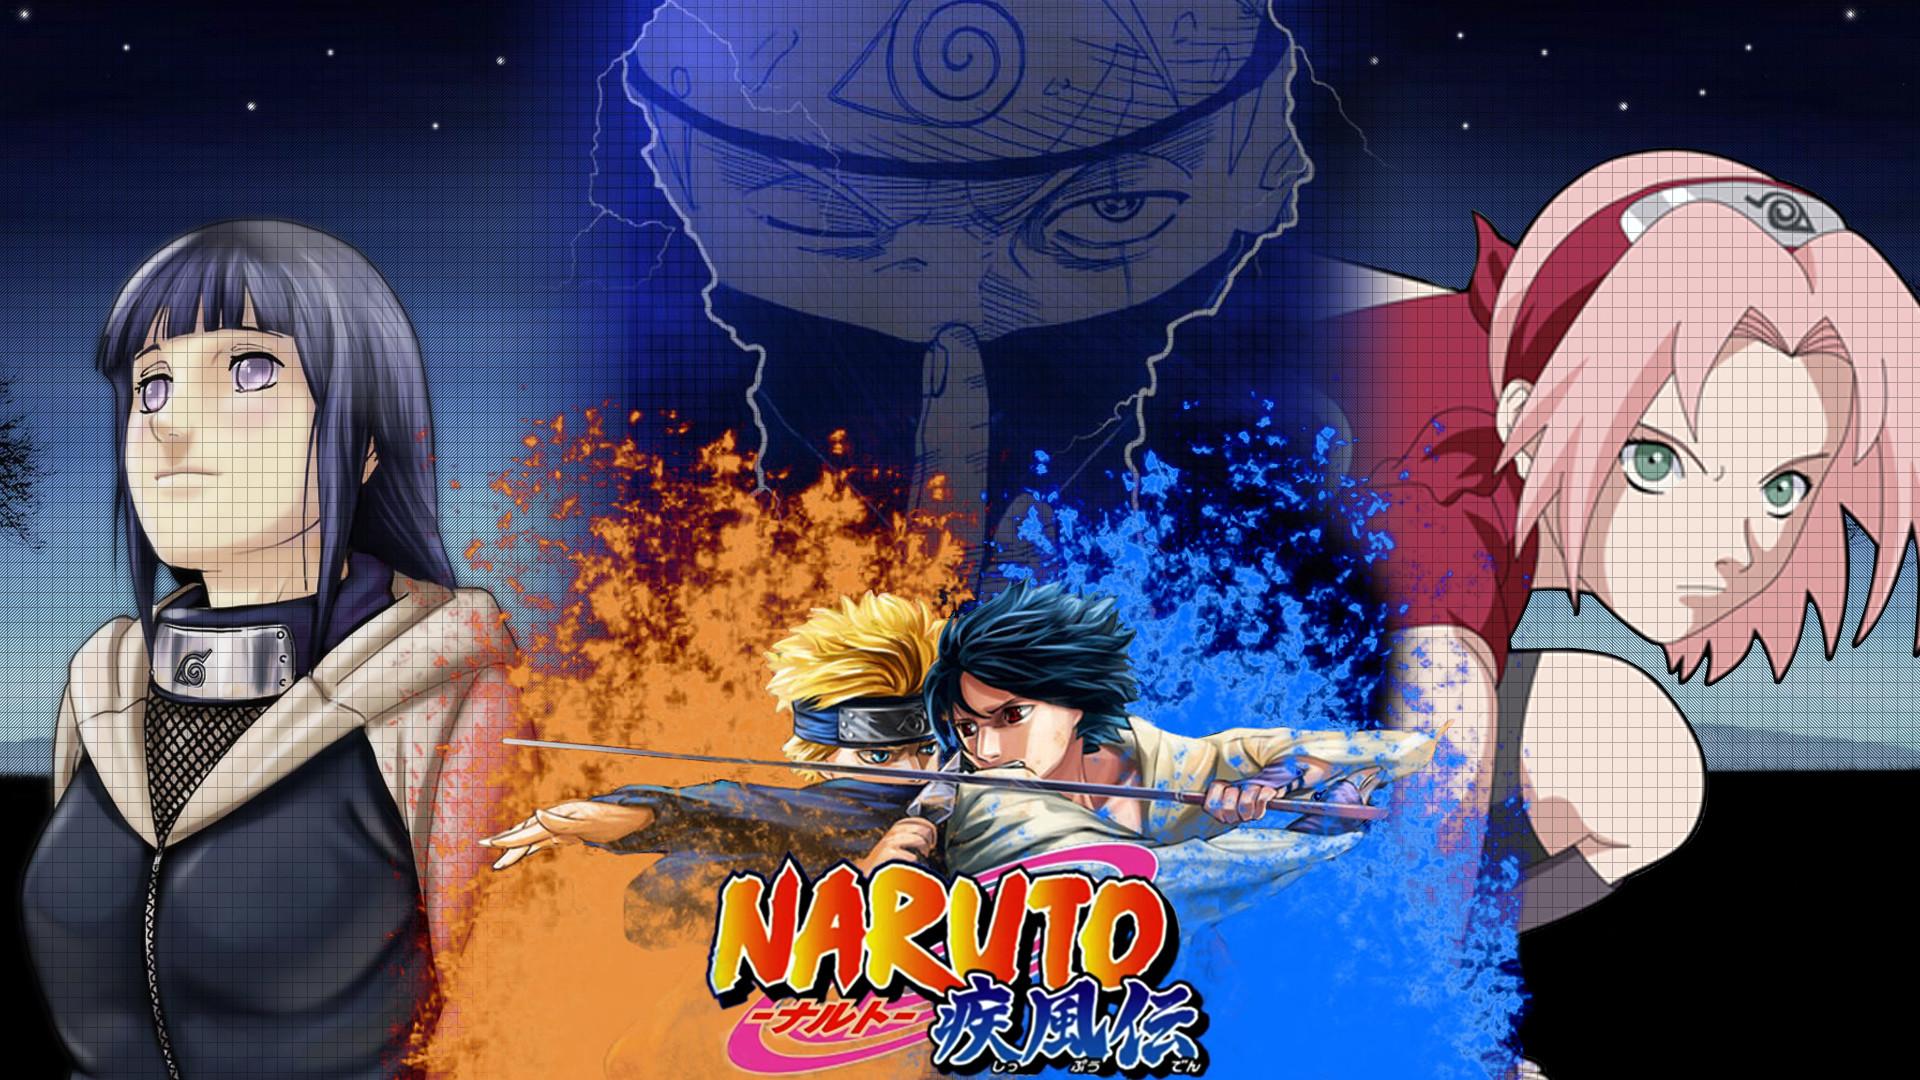 Anime – Naruto Naruto Uzumaki Kakashi Hatake Sakura Haruno Sasuke Uchiha  Hinata HyÅ«ga Sharingan (Naruto